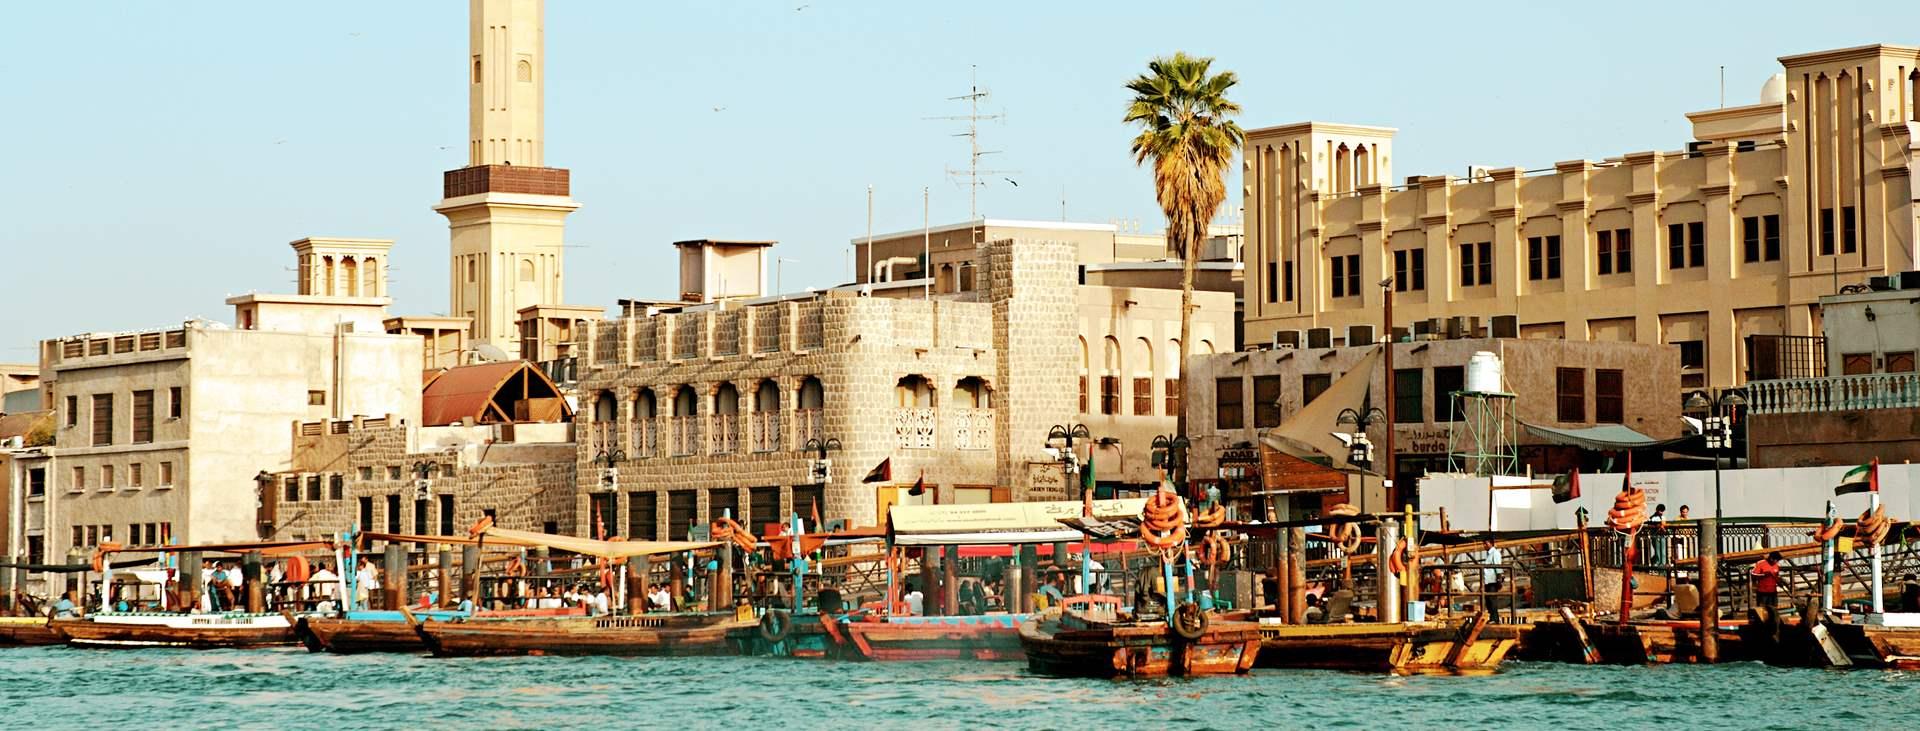 Bestill en reise til Bur Dubai i De forente arabiske emirater